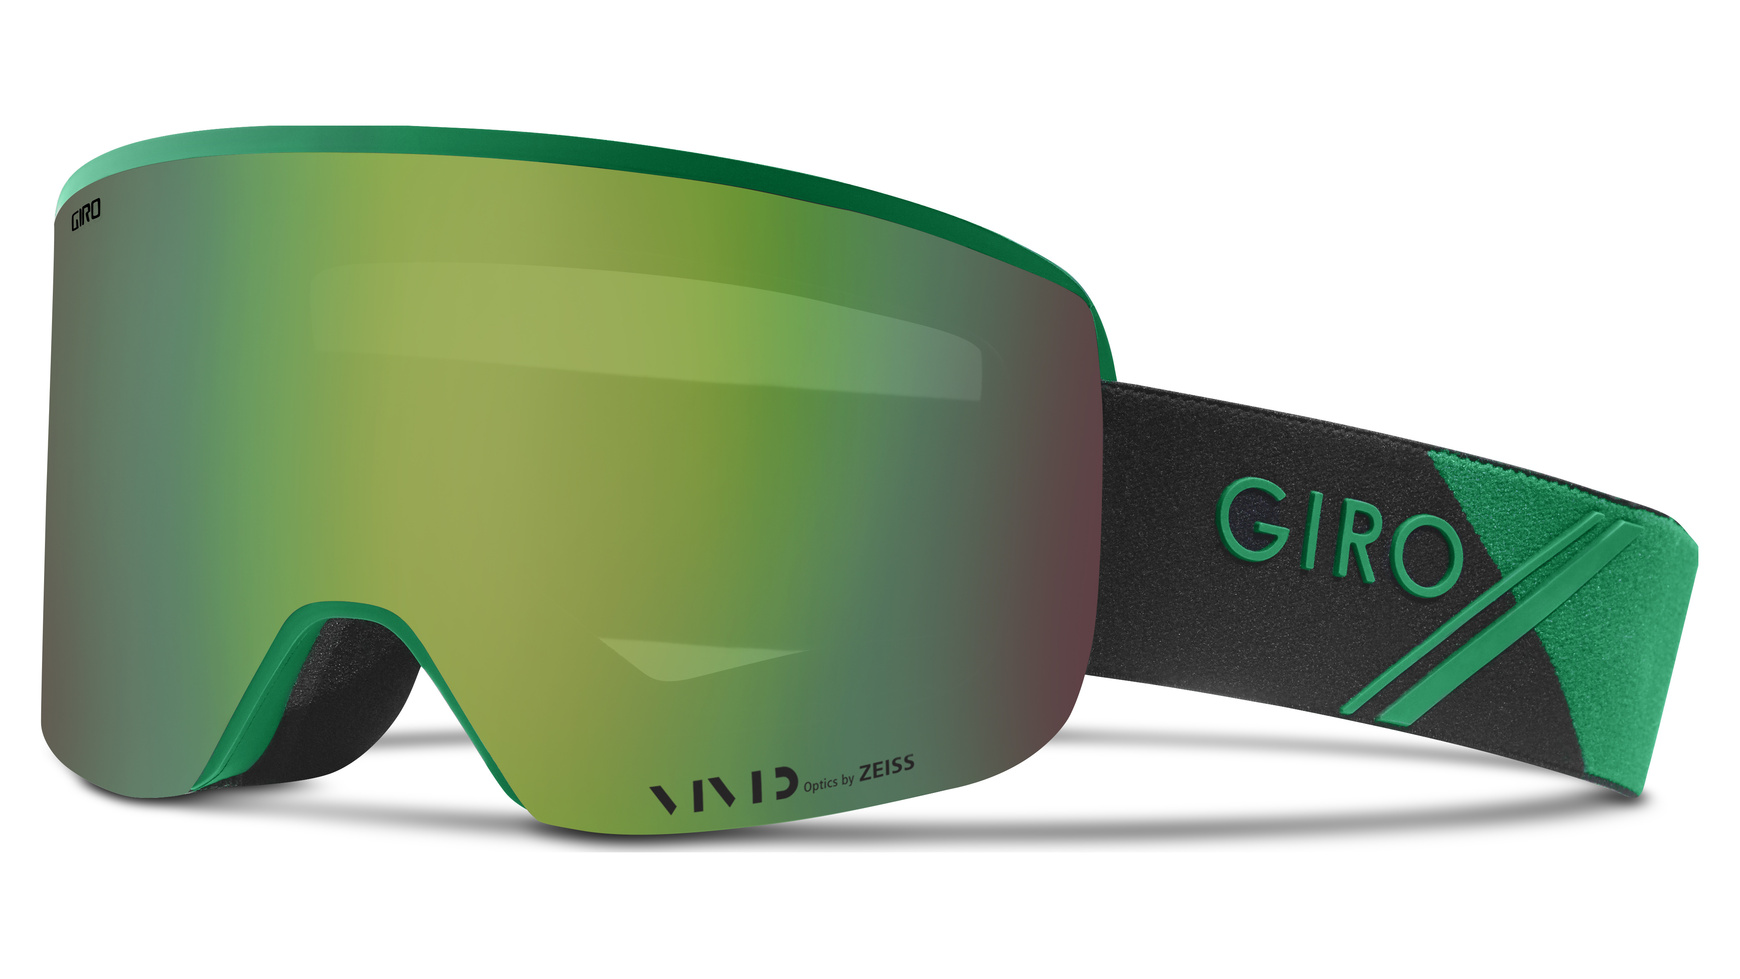 300054007-giro_g_axis_fieldgreensporttech_vividemerald